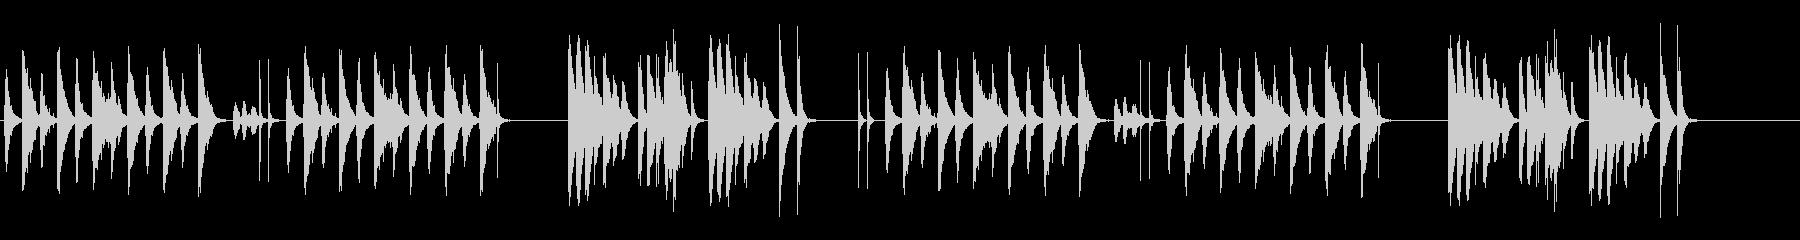 劇伴 シンプル 日常 間抜けの未再生の波形